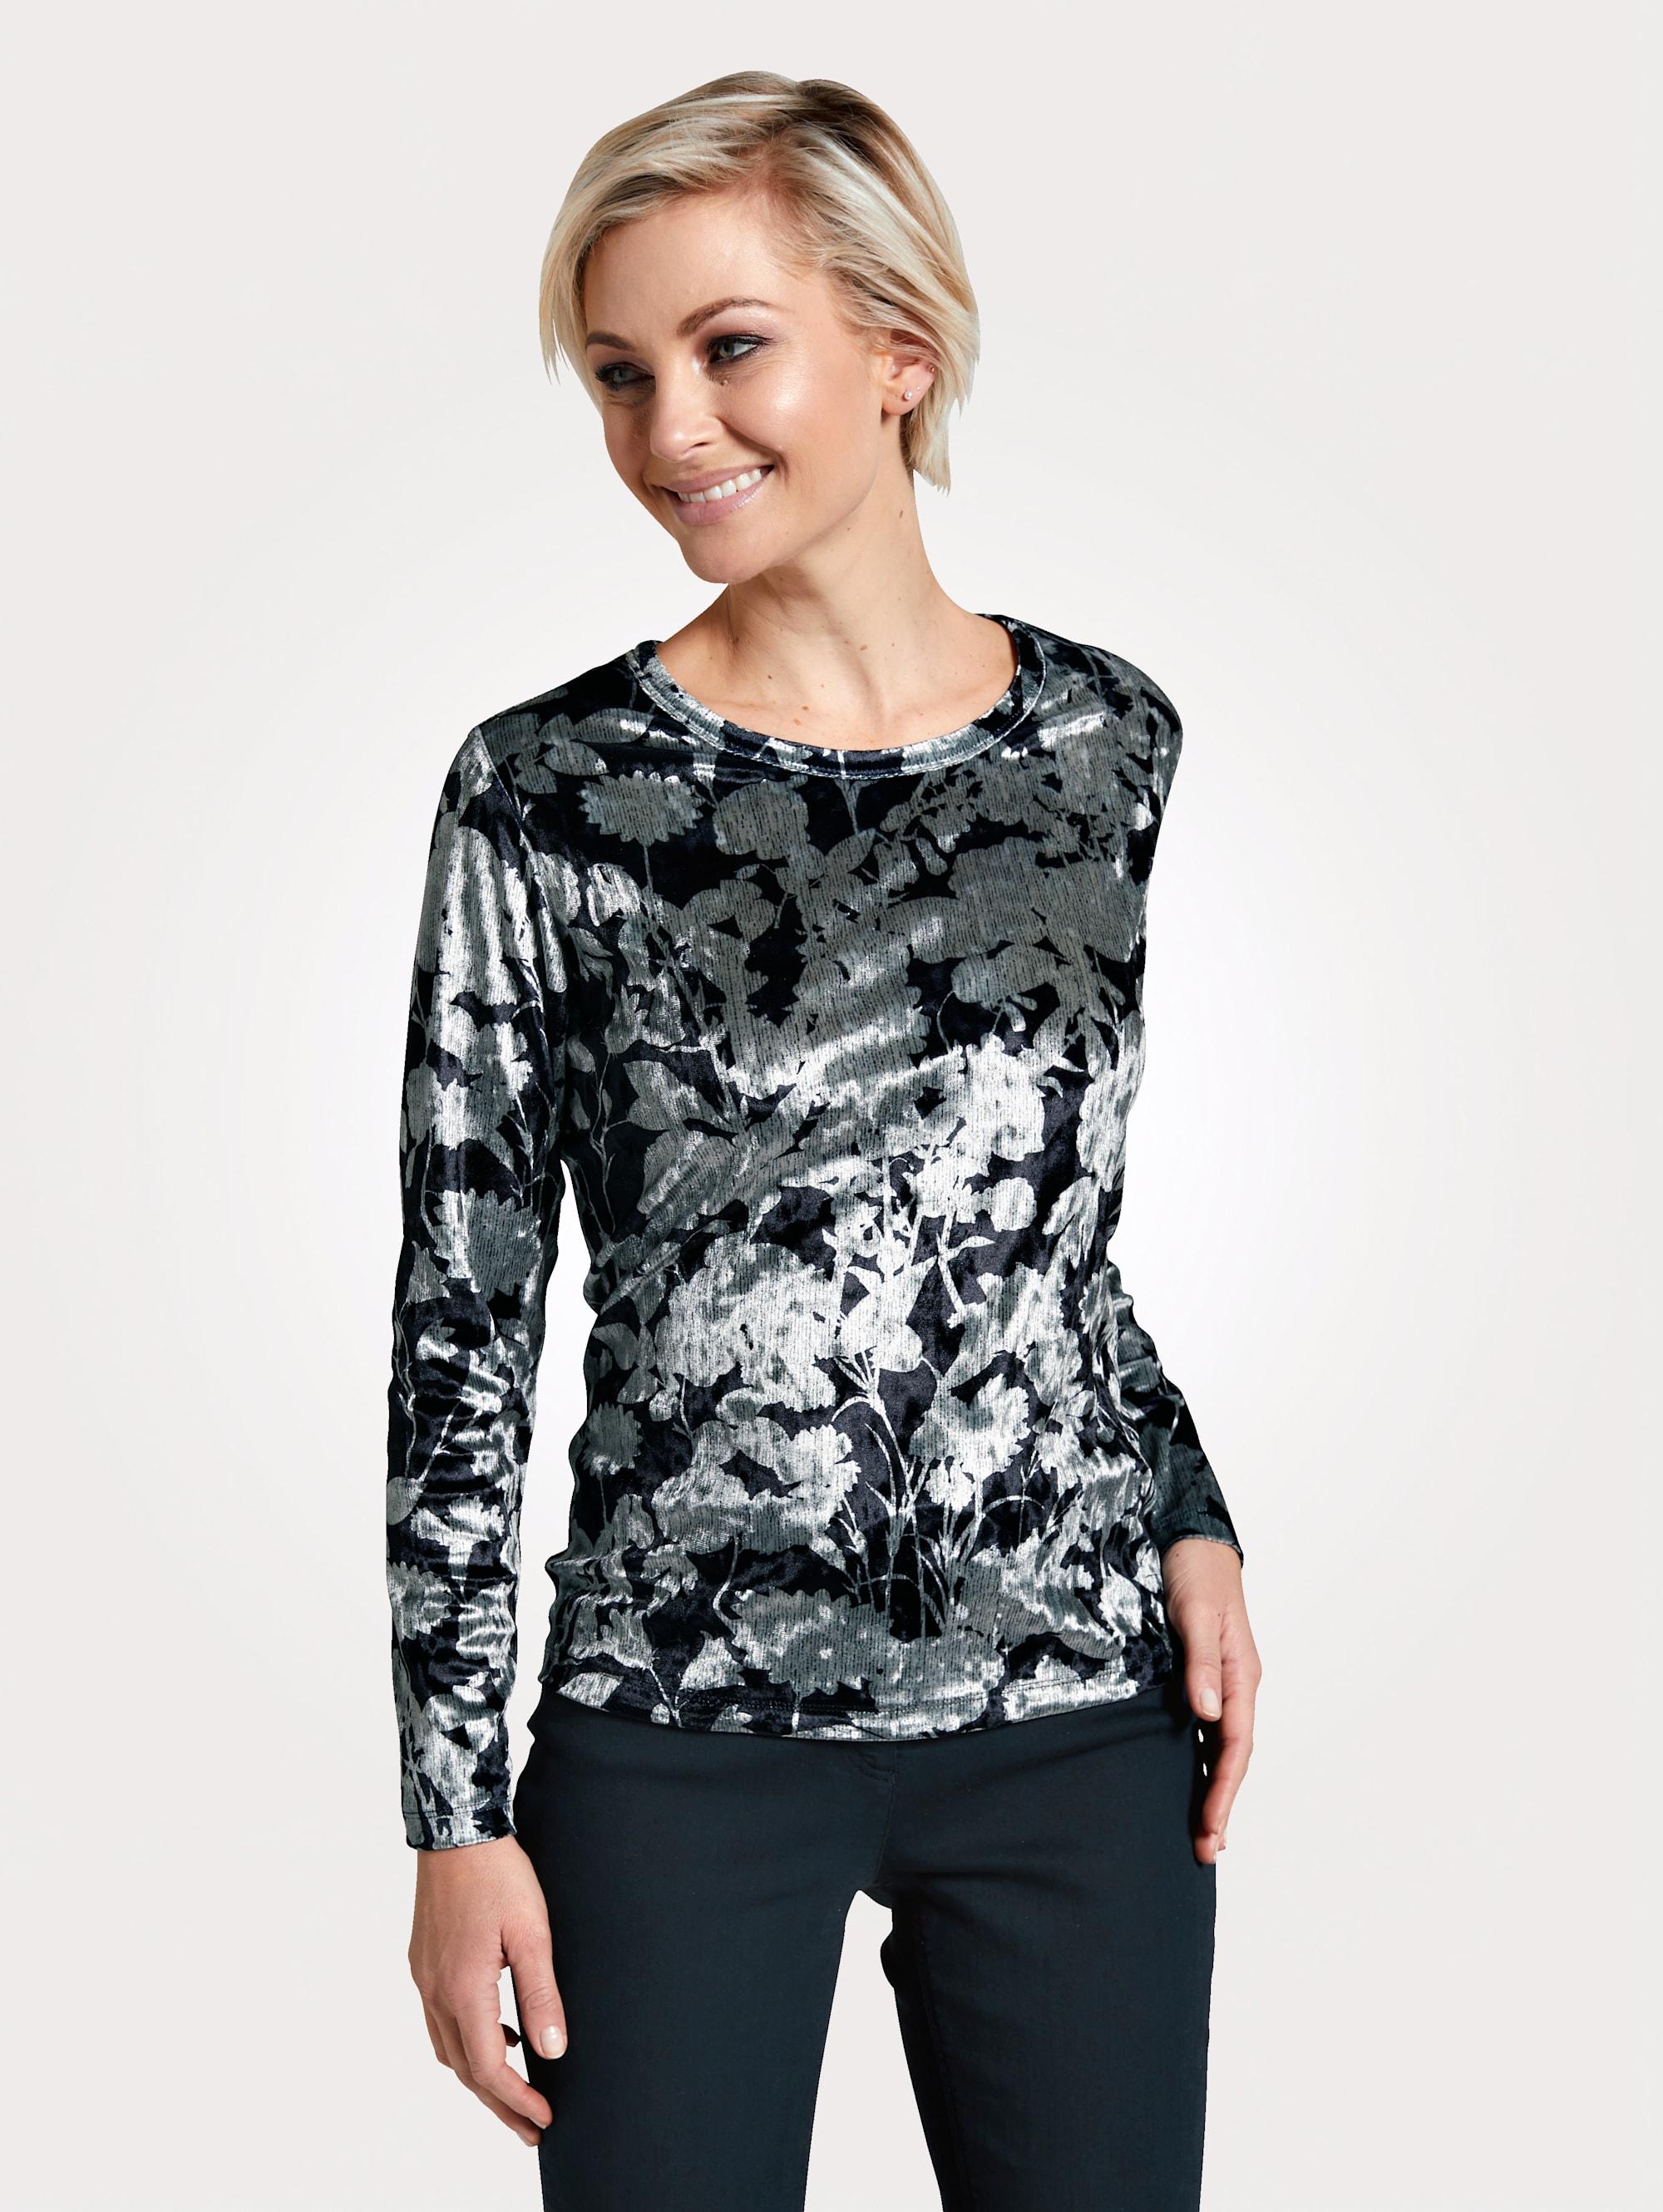 MONA Shirt aus feiner Samt-Qualität l6DuJ 4bGAC